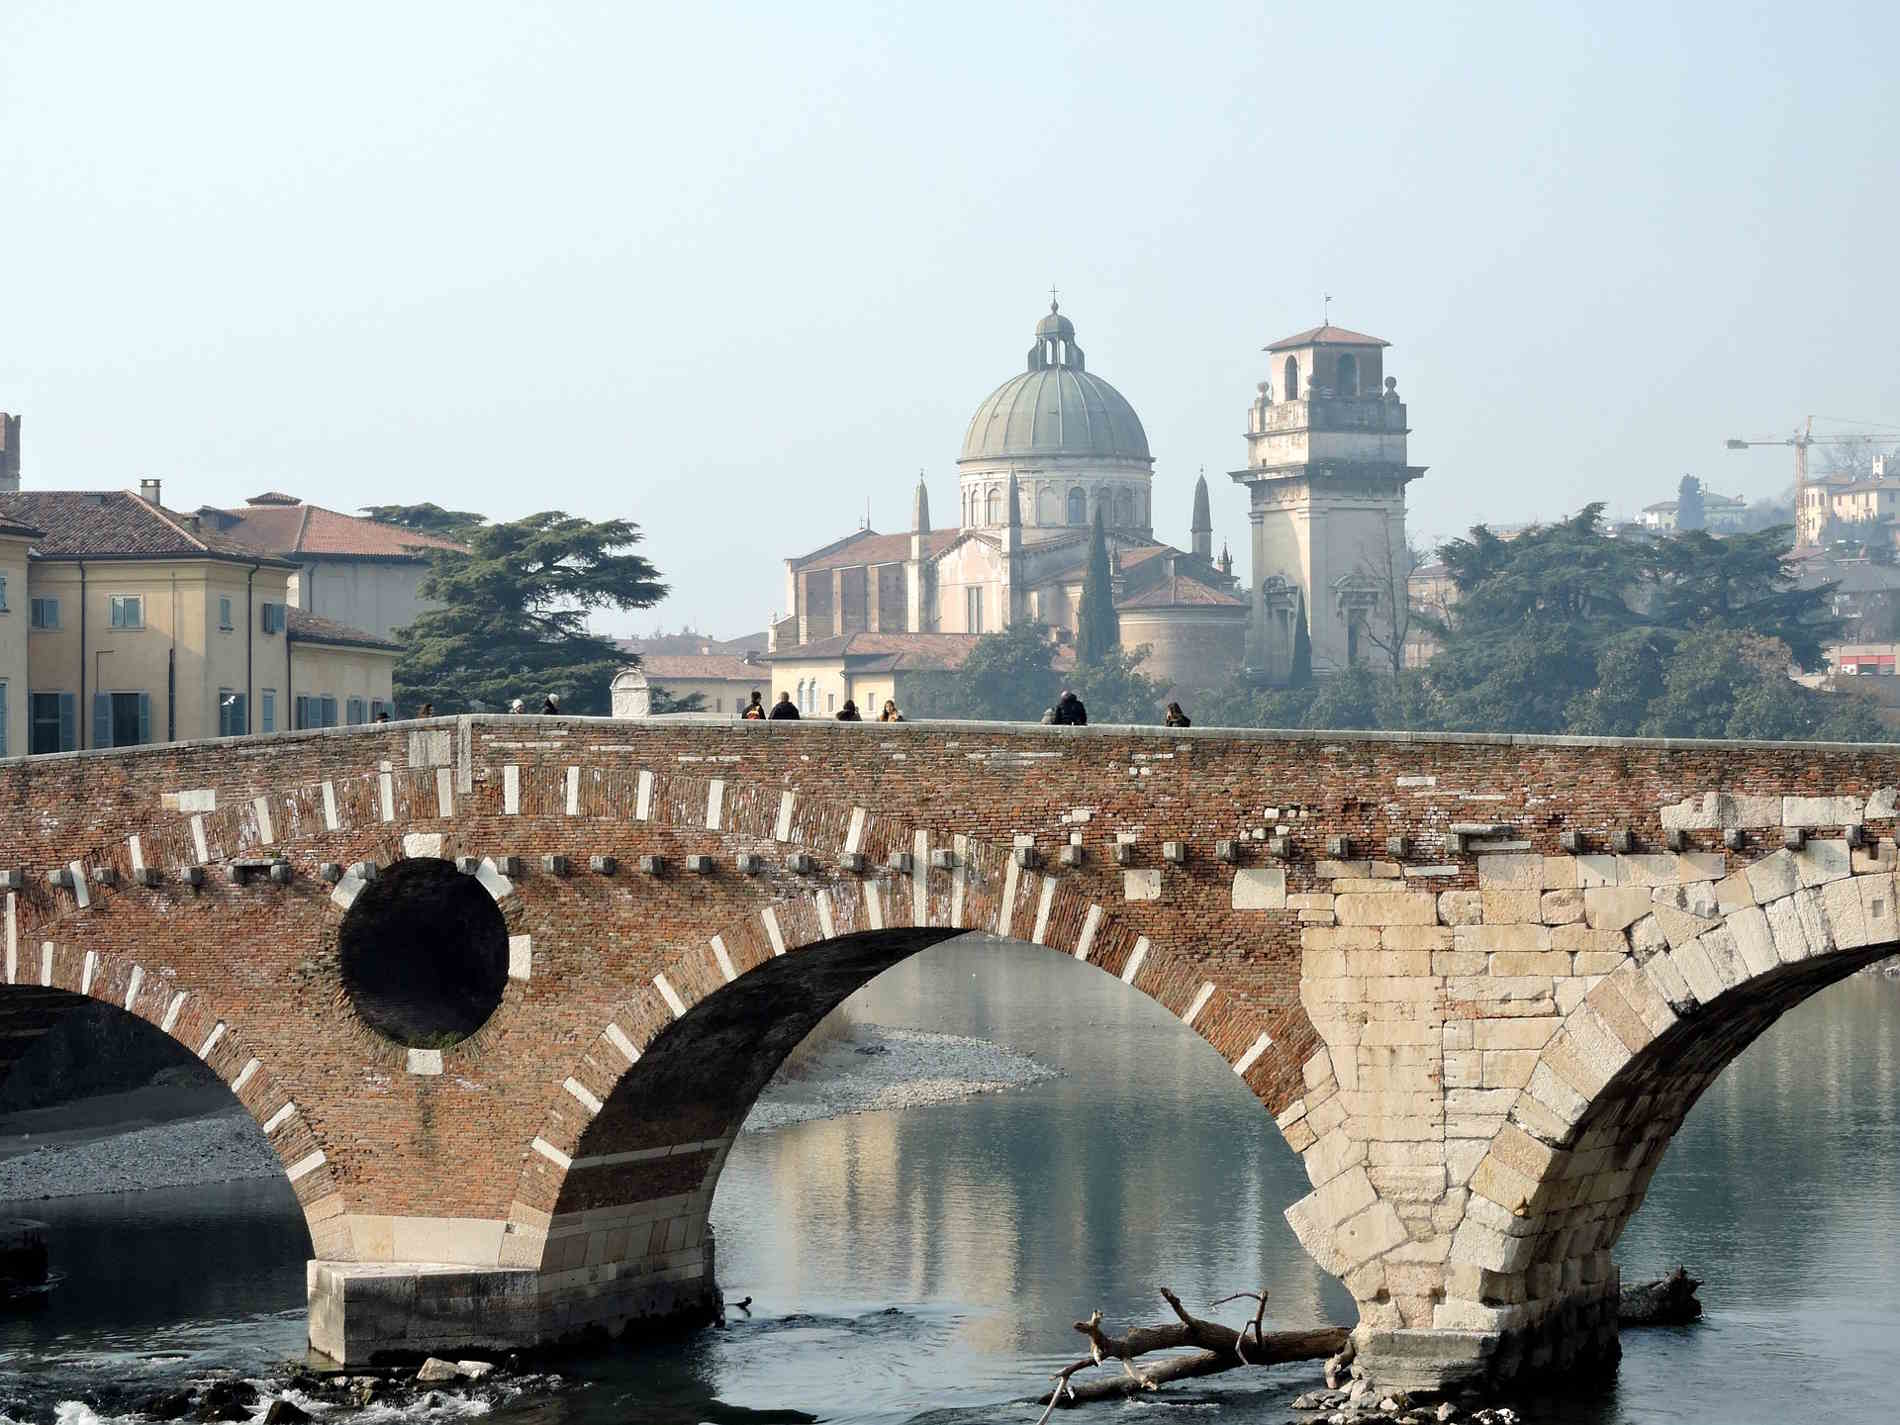 Il ponte di pietra sull'Adige a Verona panorami